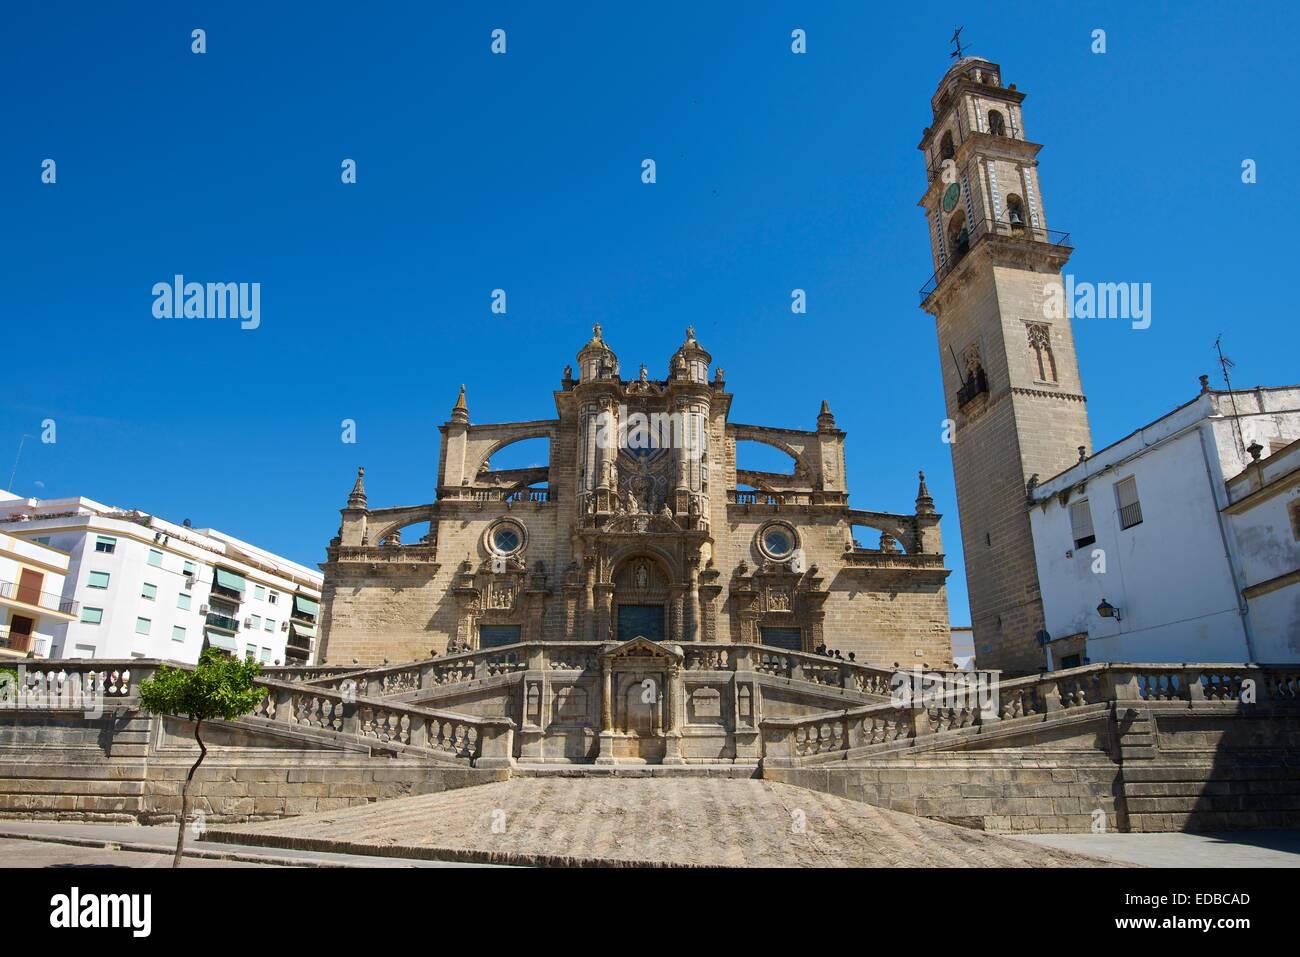 Cattedrale la Colegiata del Salvador, Jerez de la Frontera, Andalusia, Spagna Foto Stock